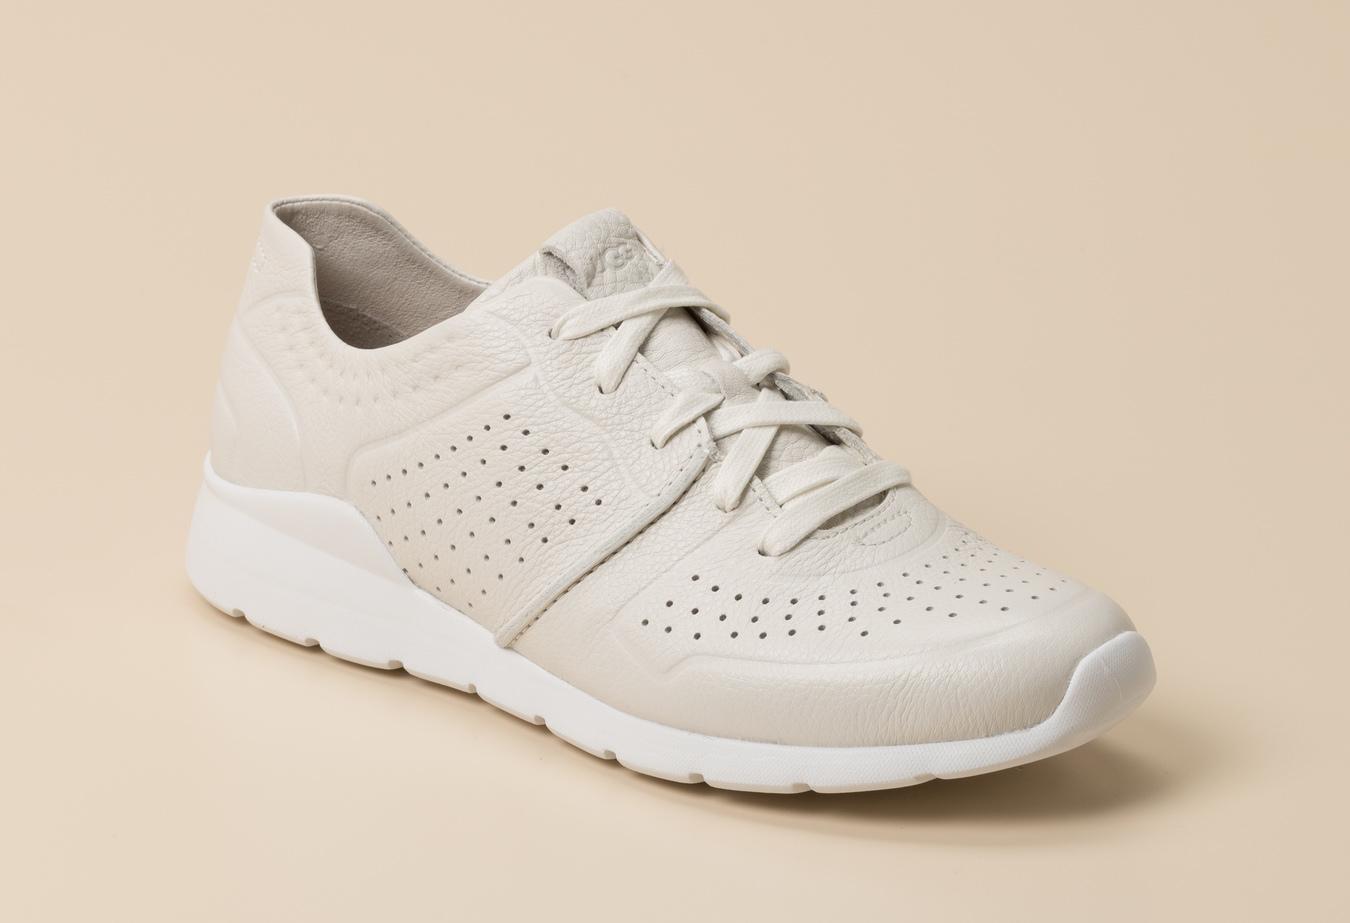 UGG Damen Sneaker in cremeweiß kaufen | Zumnorde Online Shop